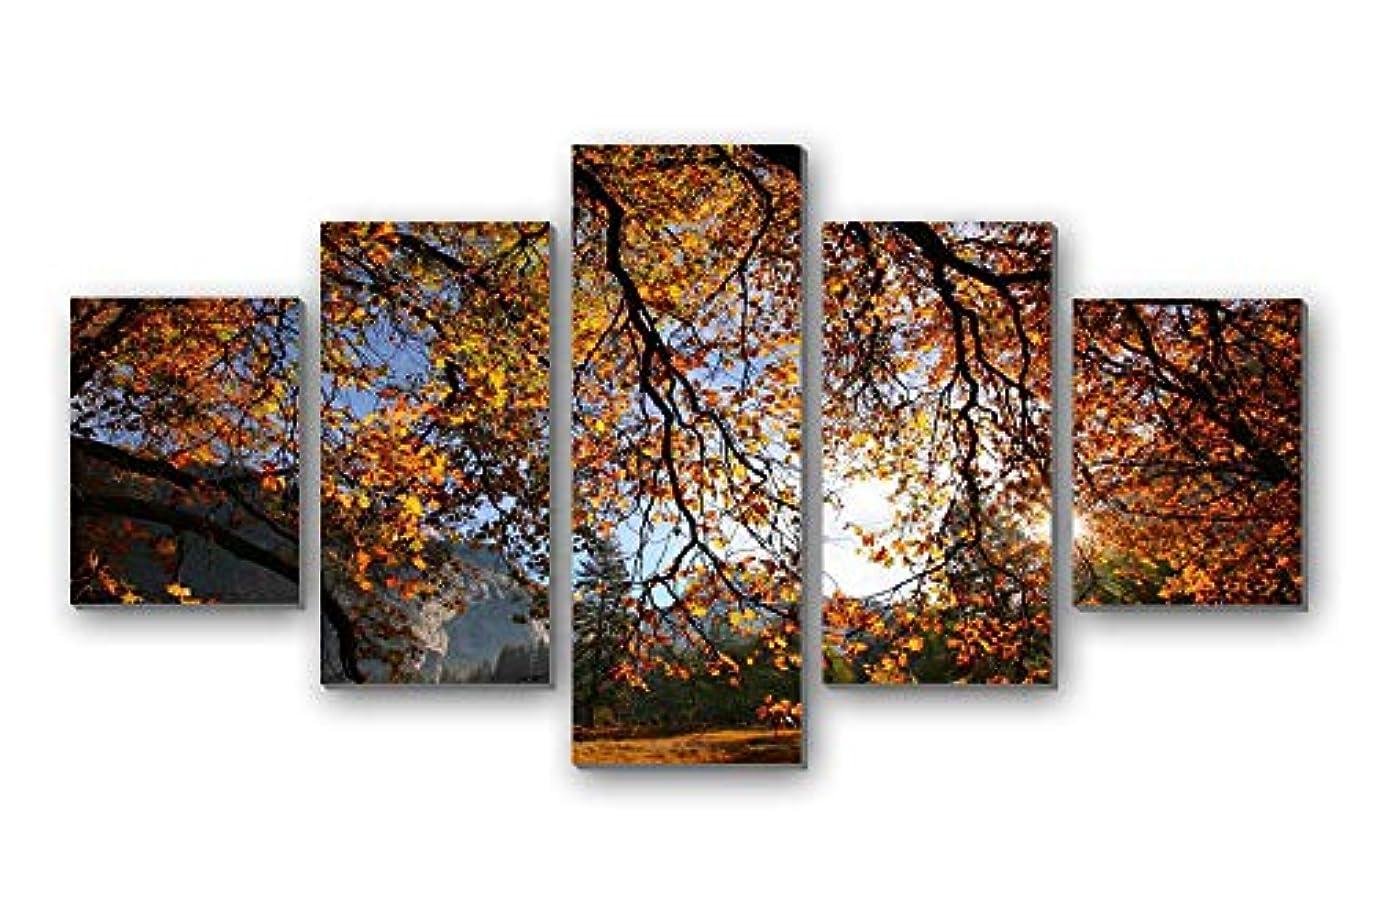 占めるに沿って斧5枚 アートパネル 完成品( 秋、木、枝、葉、日光 ) モダン 特大 写真 アートフレーム 絵画 壁飾り キャンバス絵画 パネル装飾画(木枠付きの完成品)